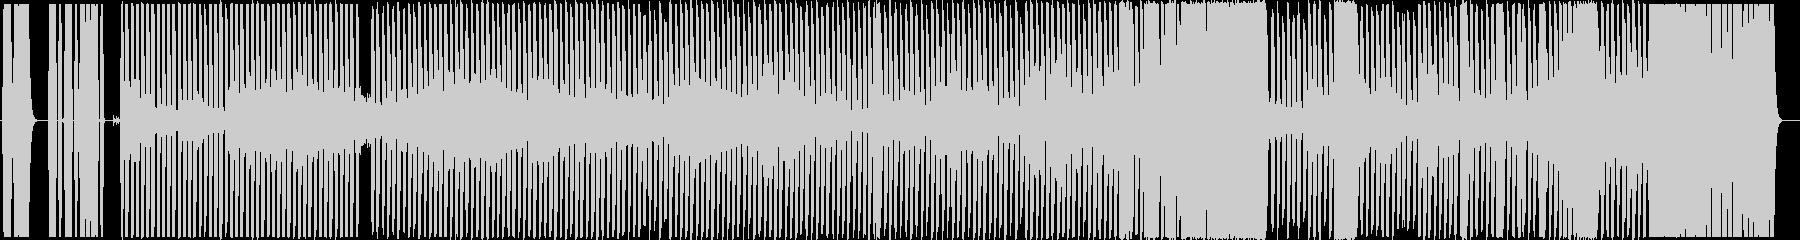 不気味なハウス・テクノ風の未再生の波形